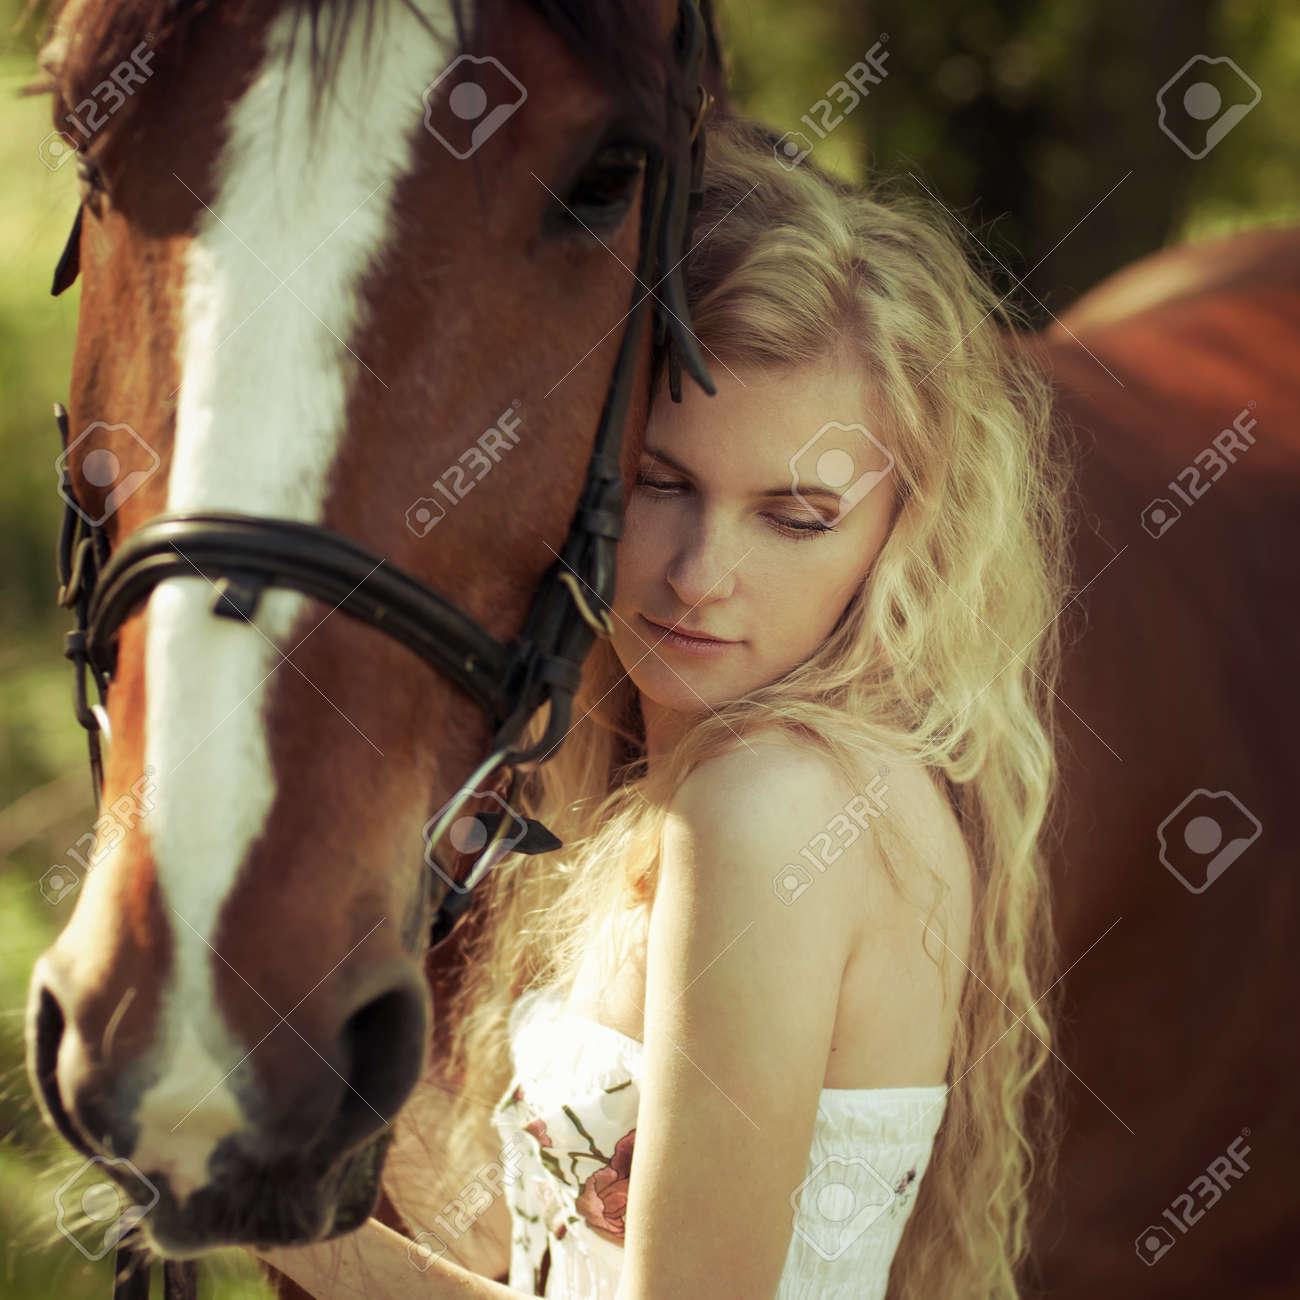 Девушка с кобылой фото 129-216